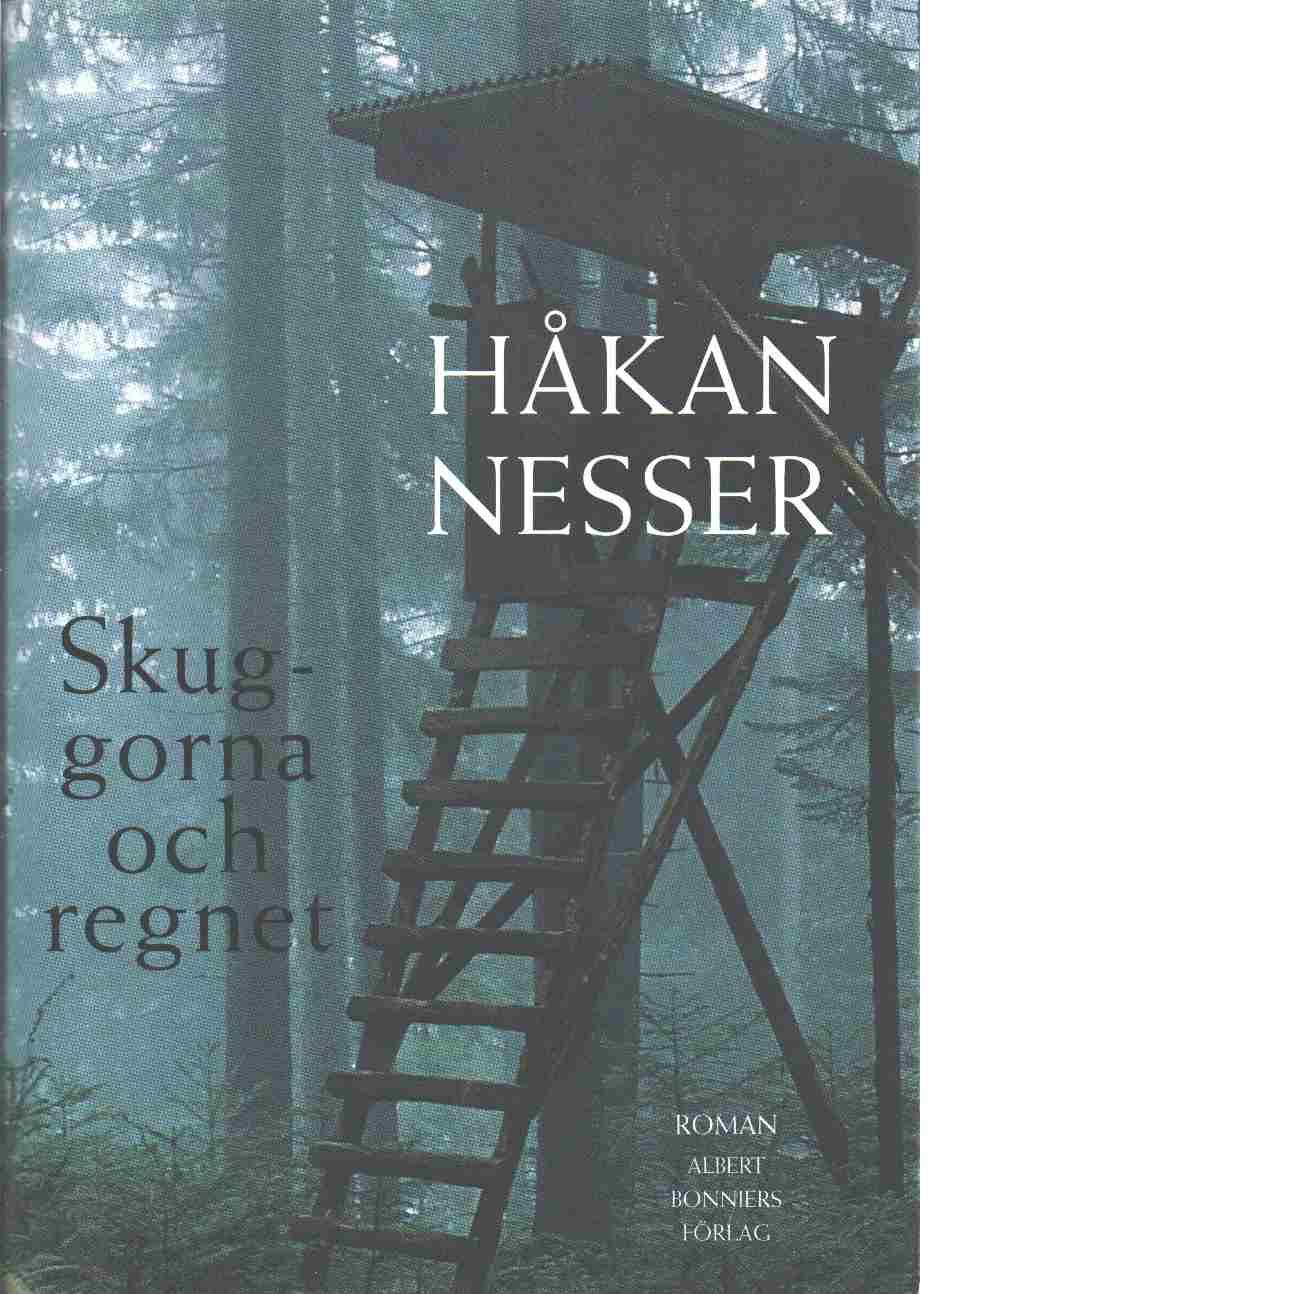 Skuggorna och regnet - Nesser, Håkan